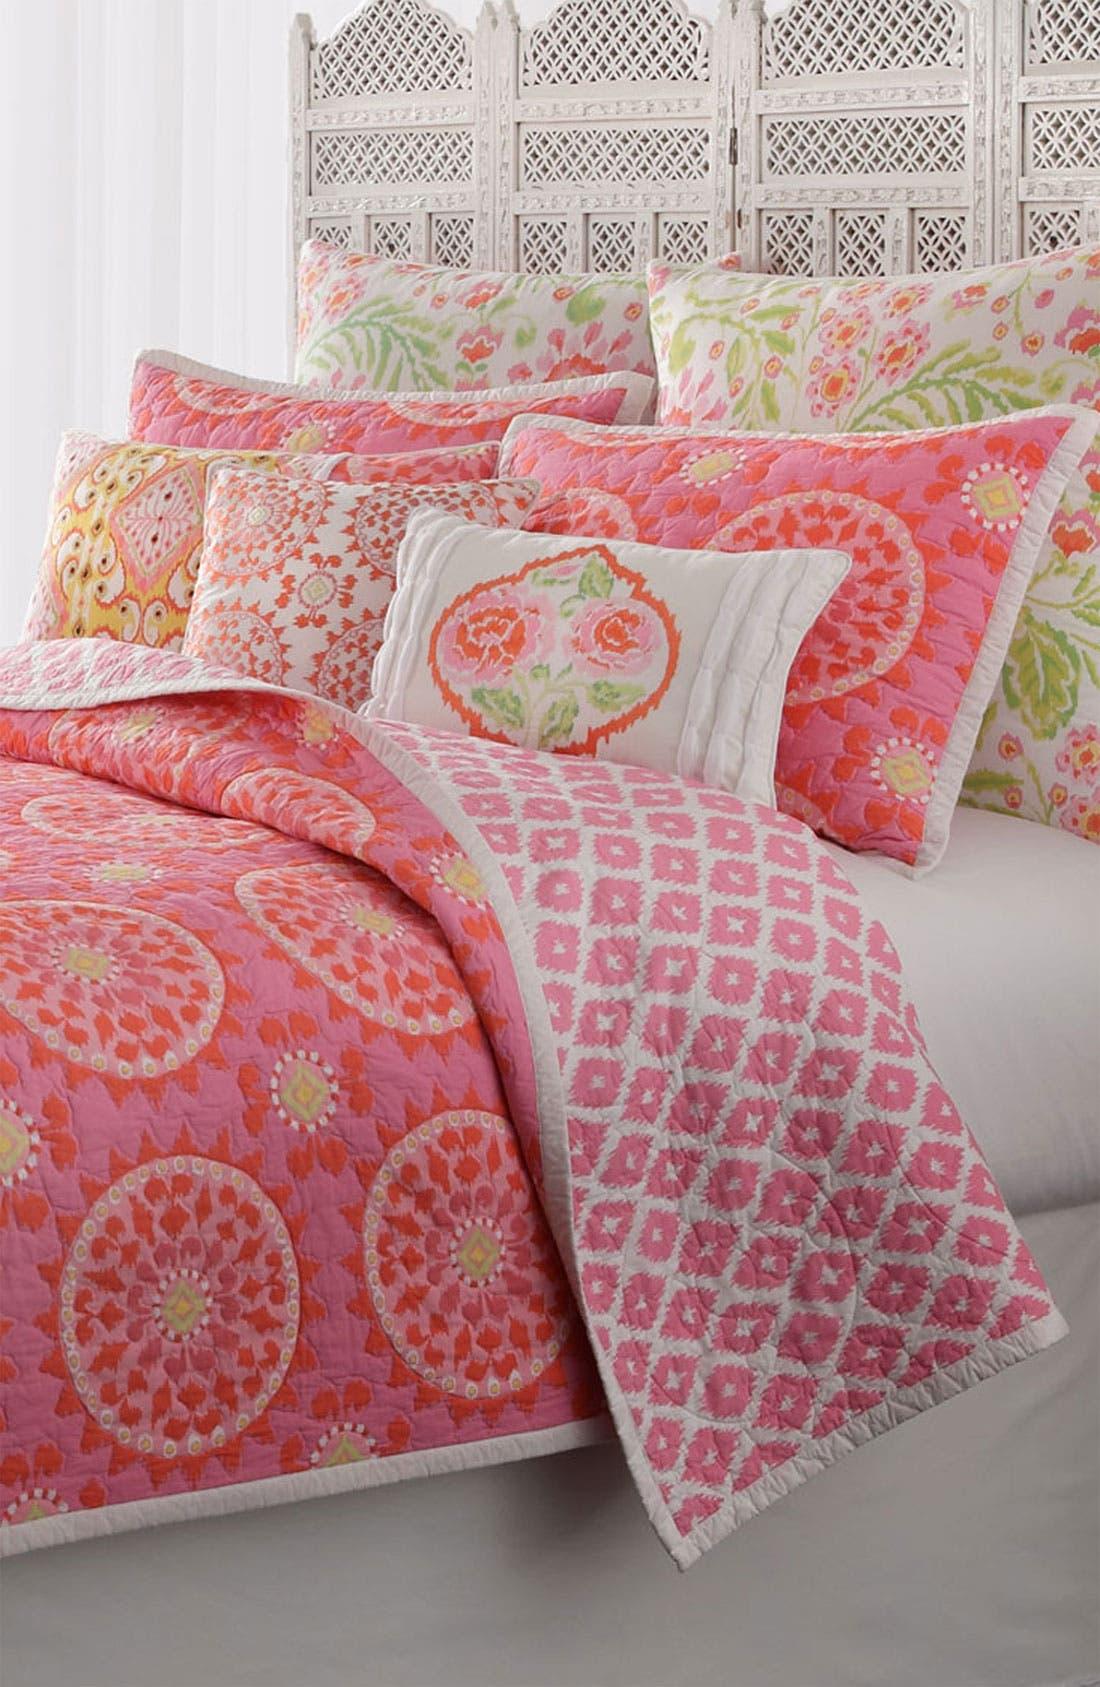 Main Image - Dena Home 'Dream Nest' Quilt